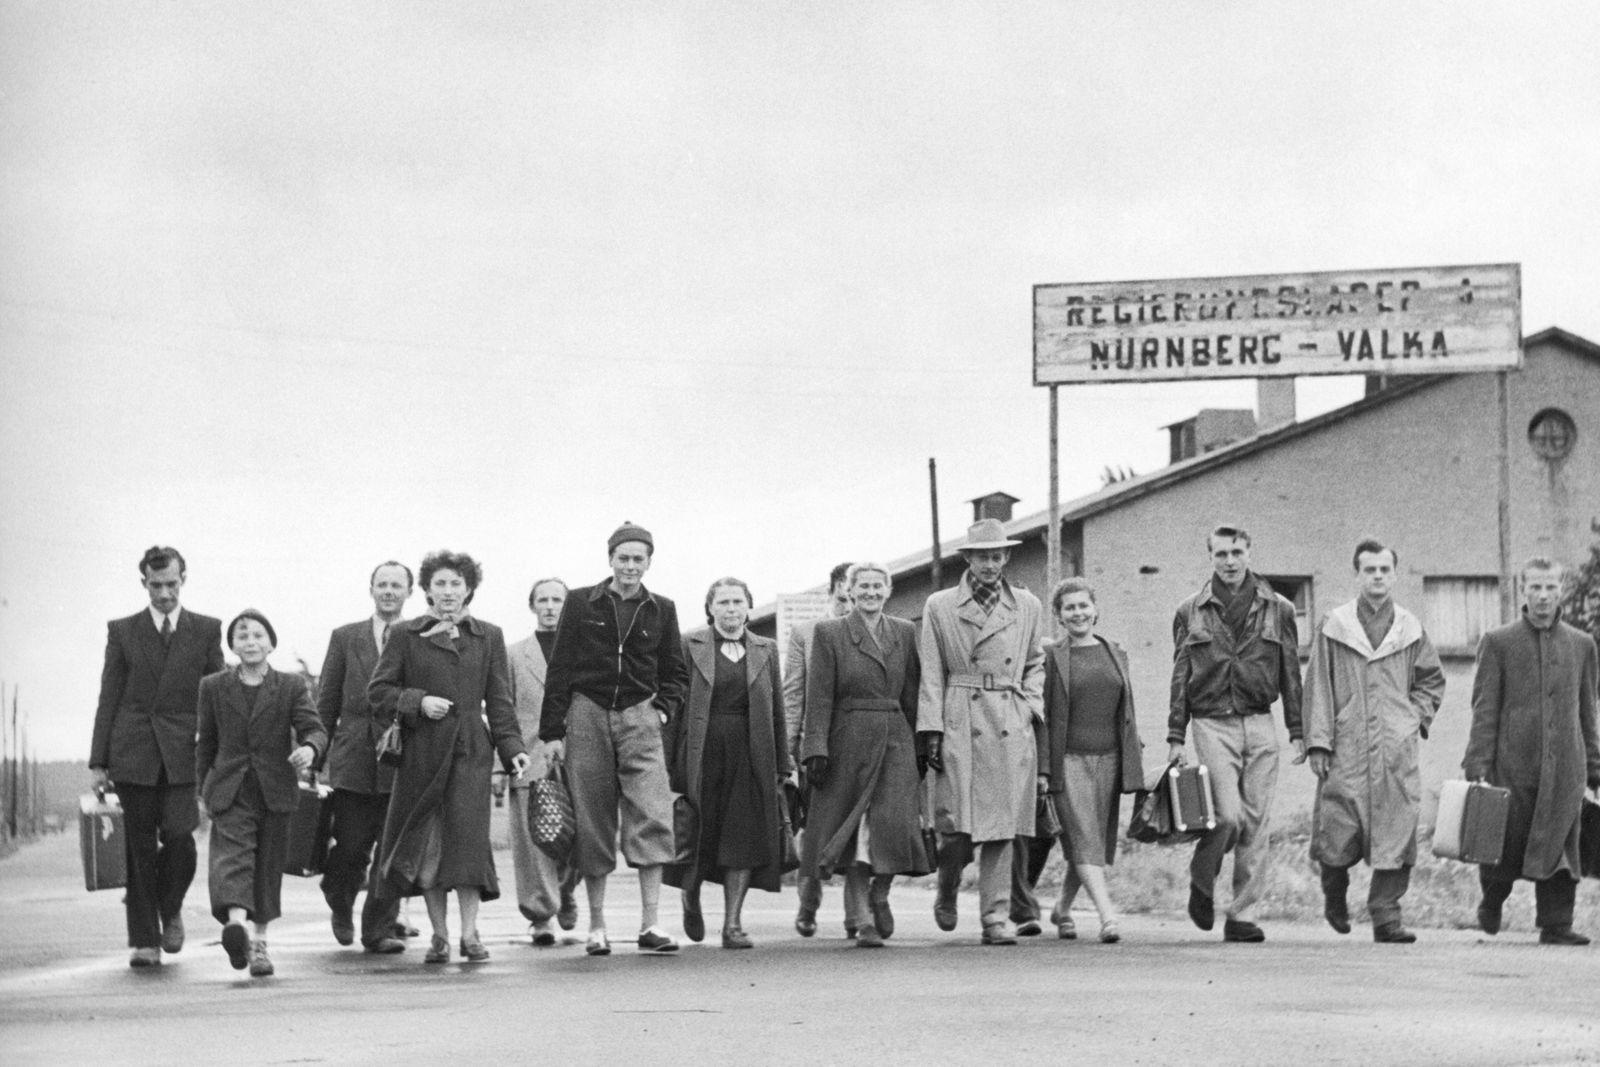 Tschechische Flüchtlinge vor dem Valka-Lager, 1951